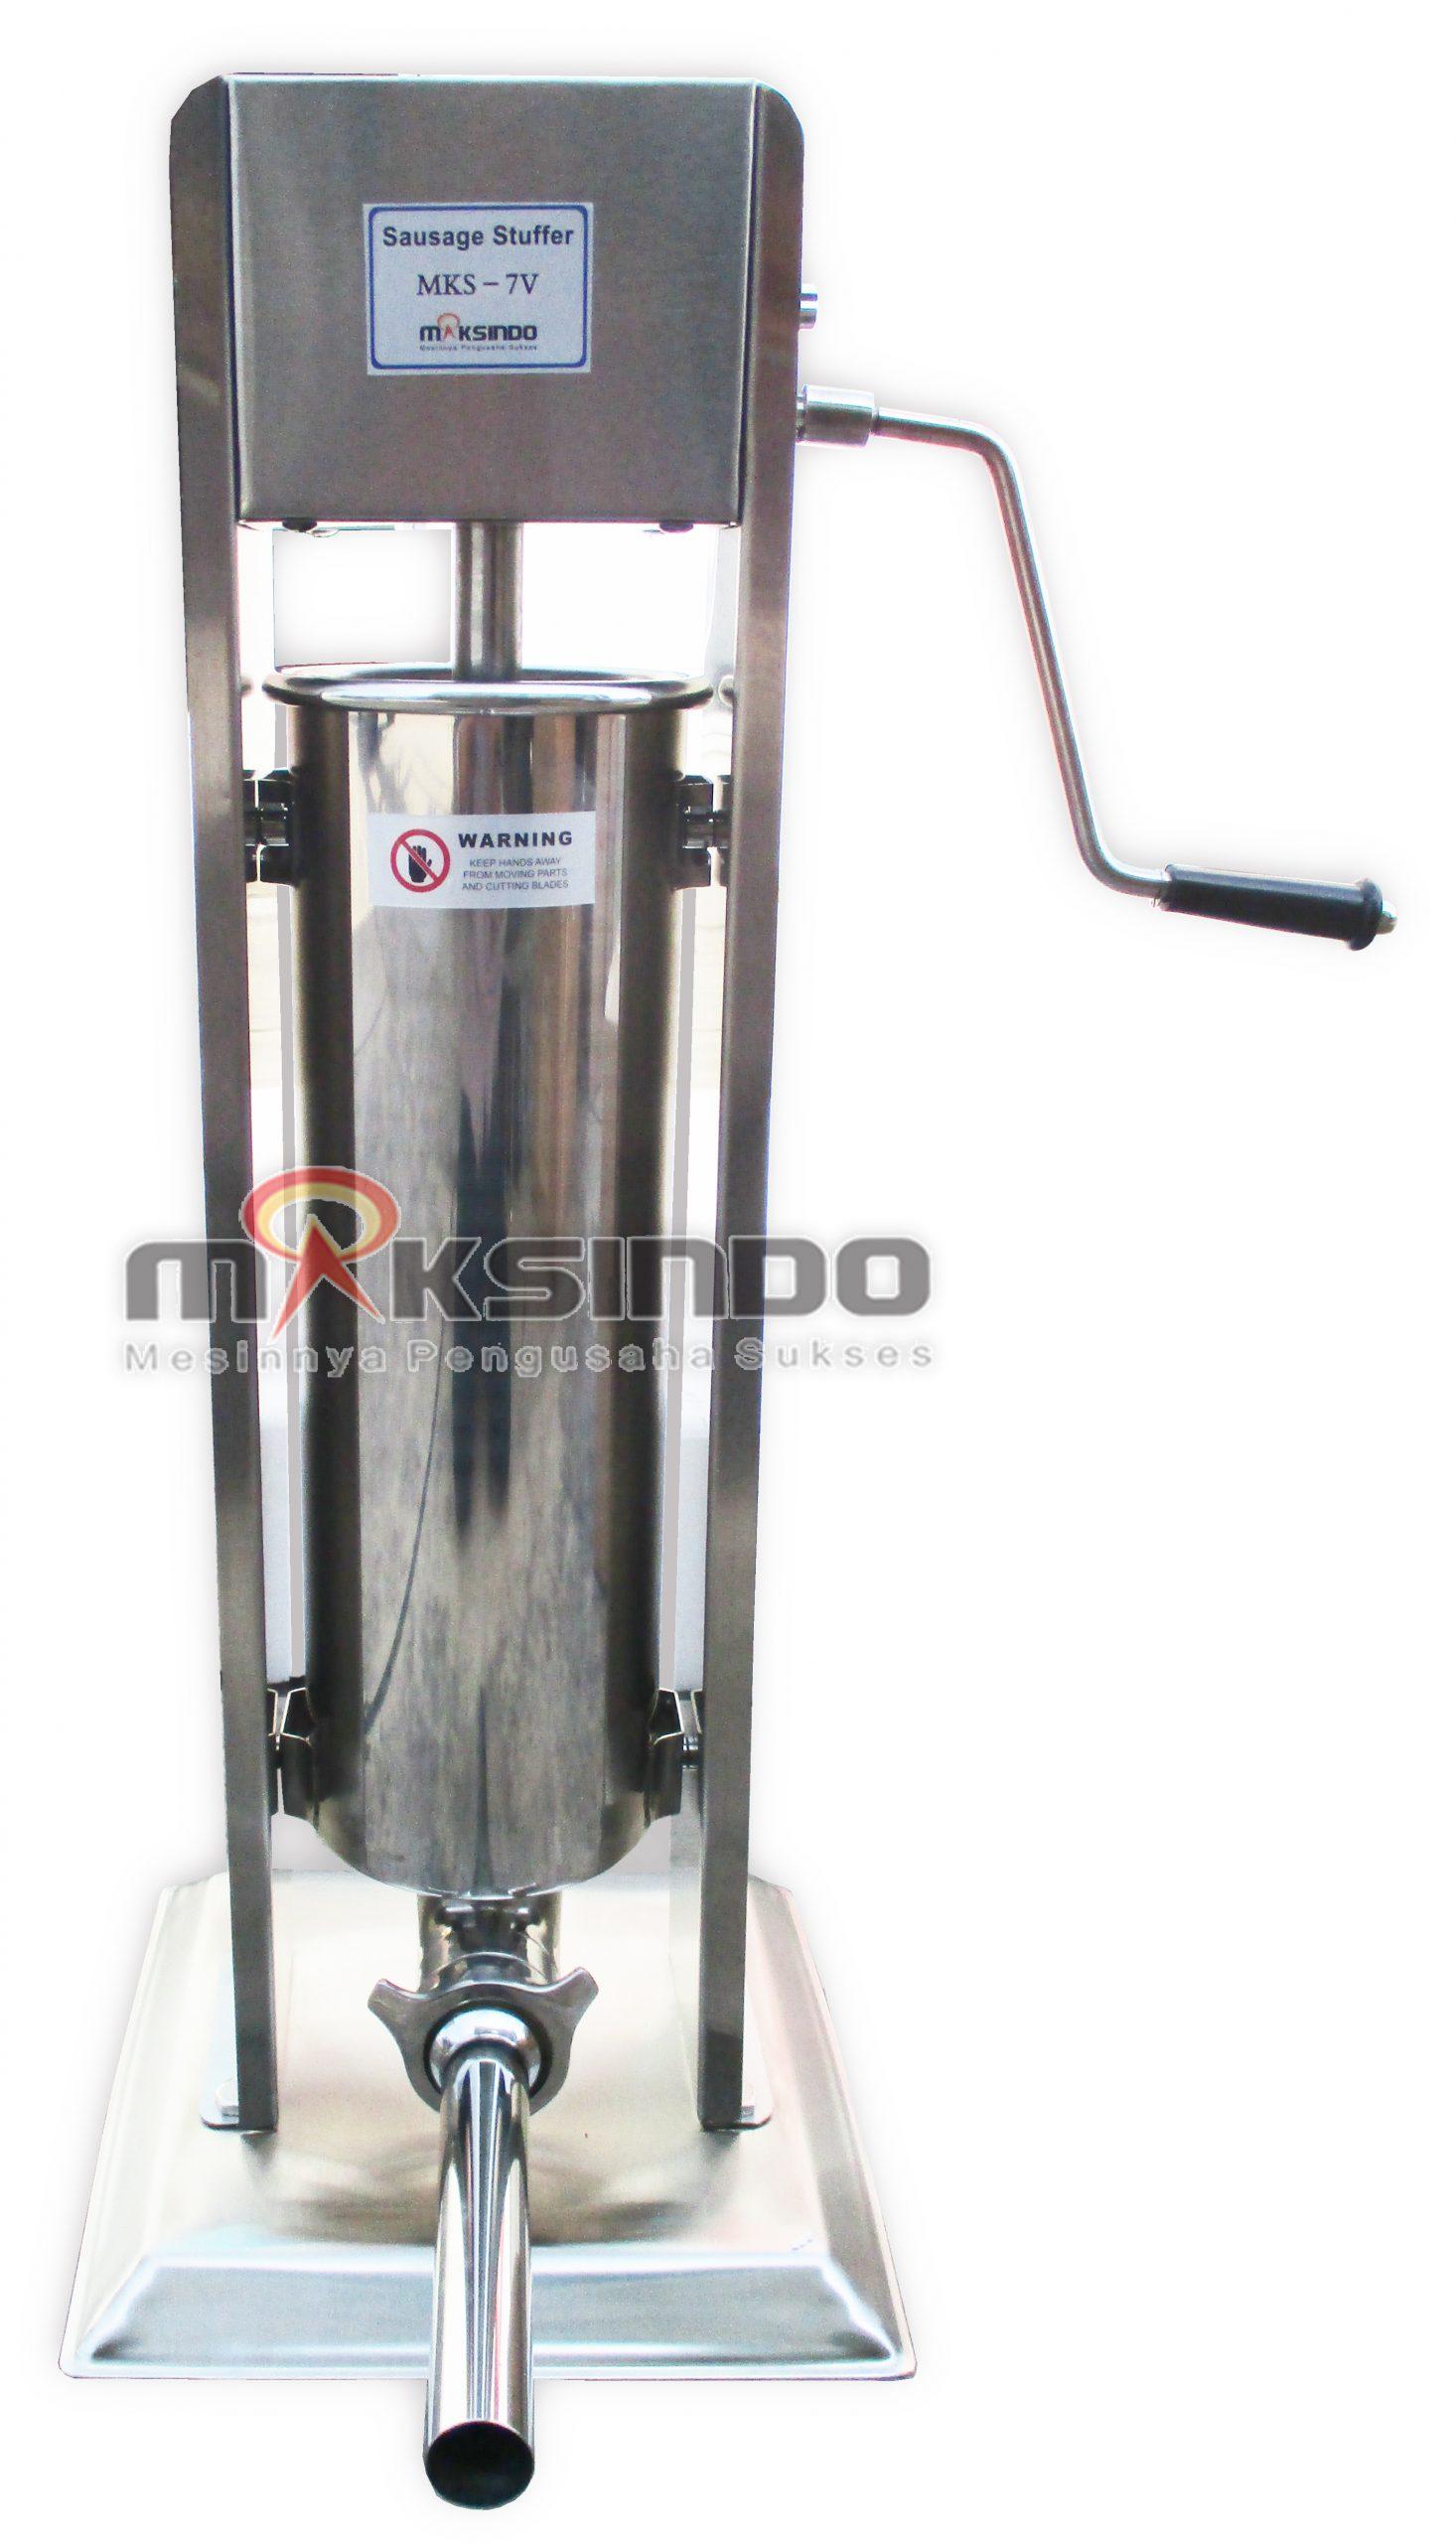 Jual Mesin Pembuat Sosis Vertikal MKS-7V di Palembang